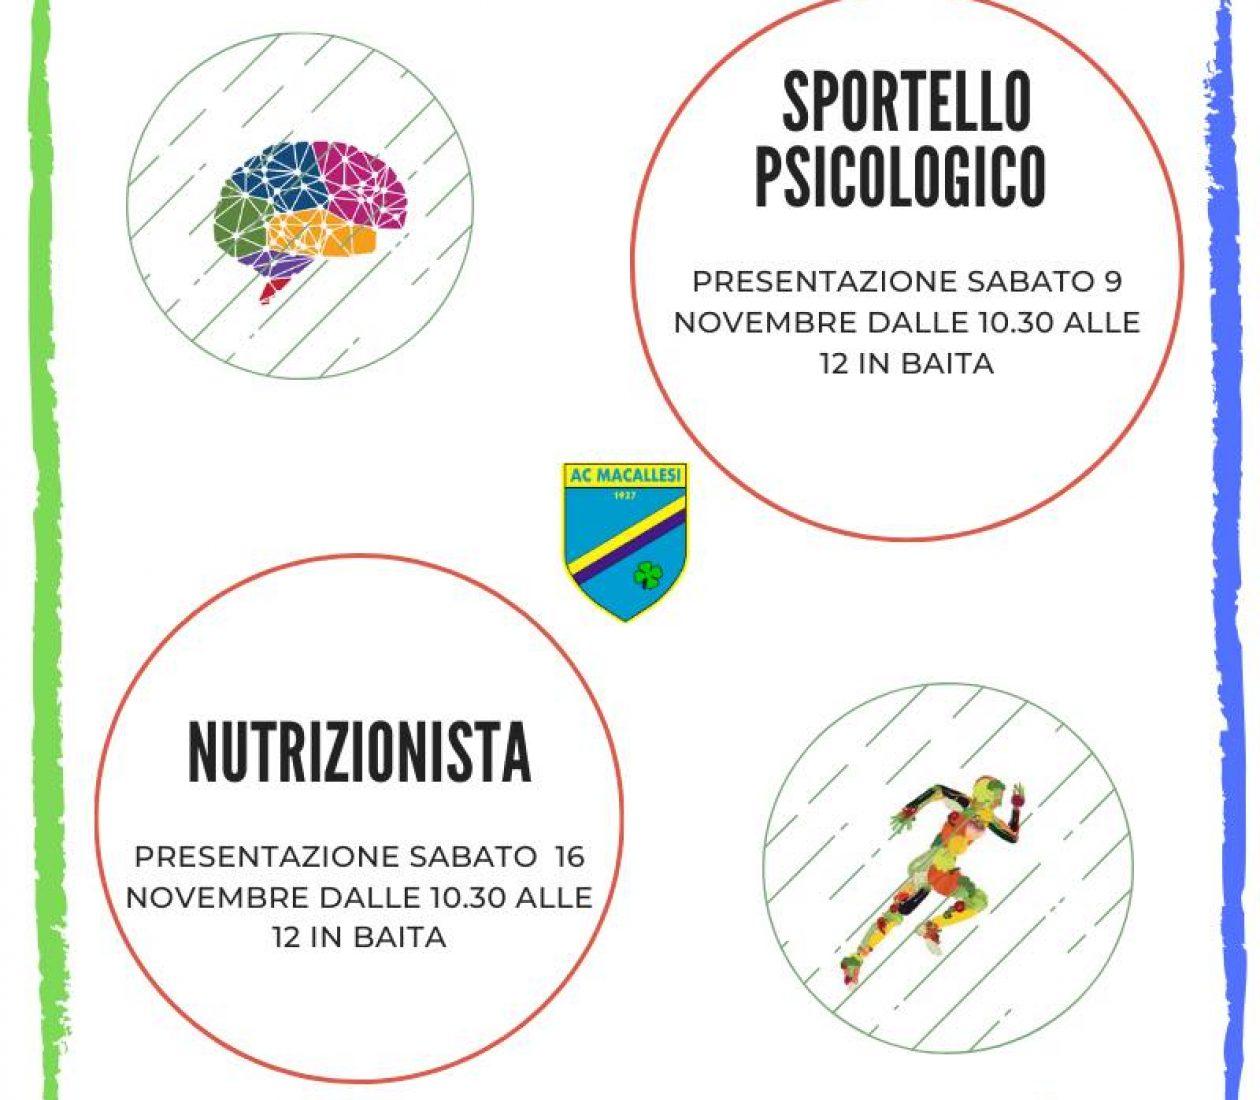 Presentazione psicologo e nutrizionista